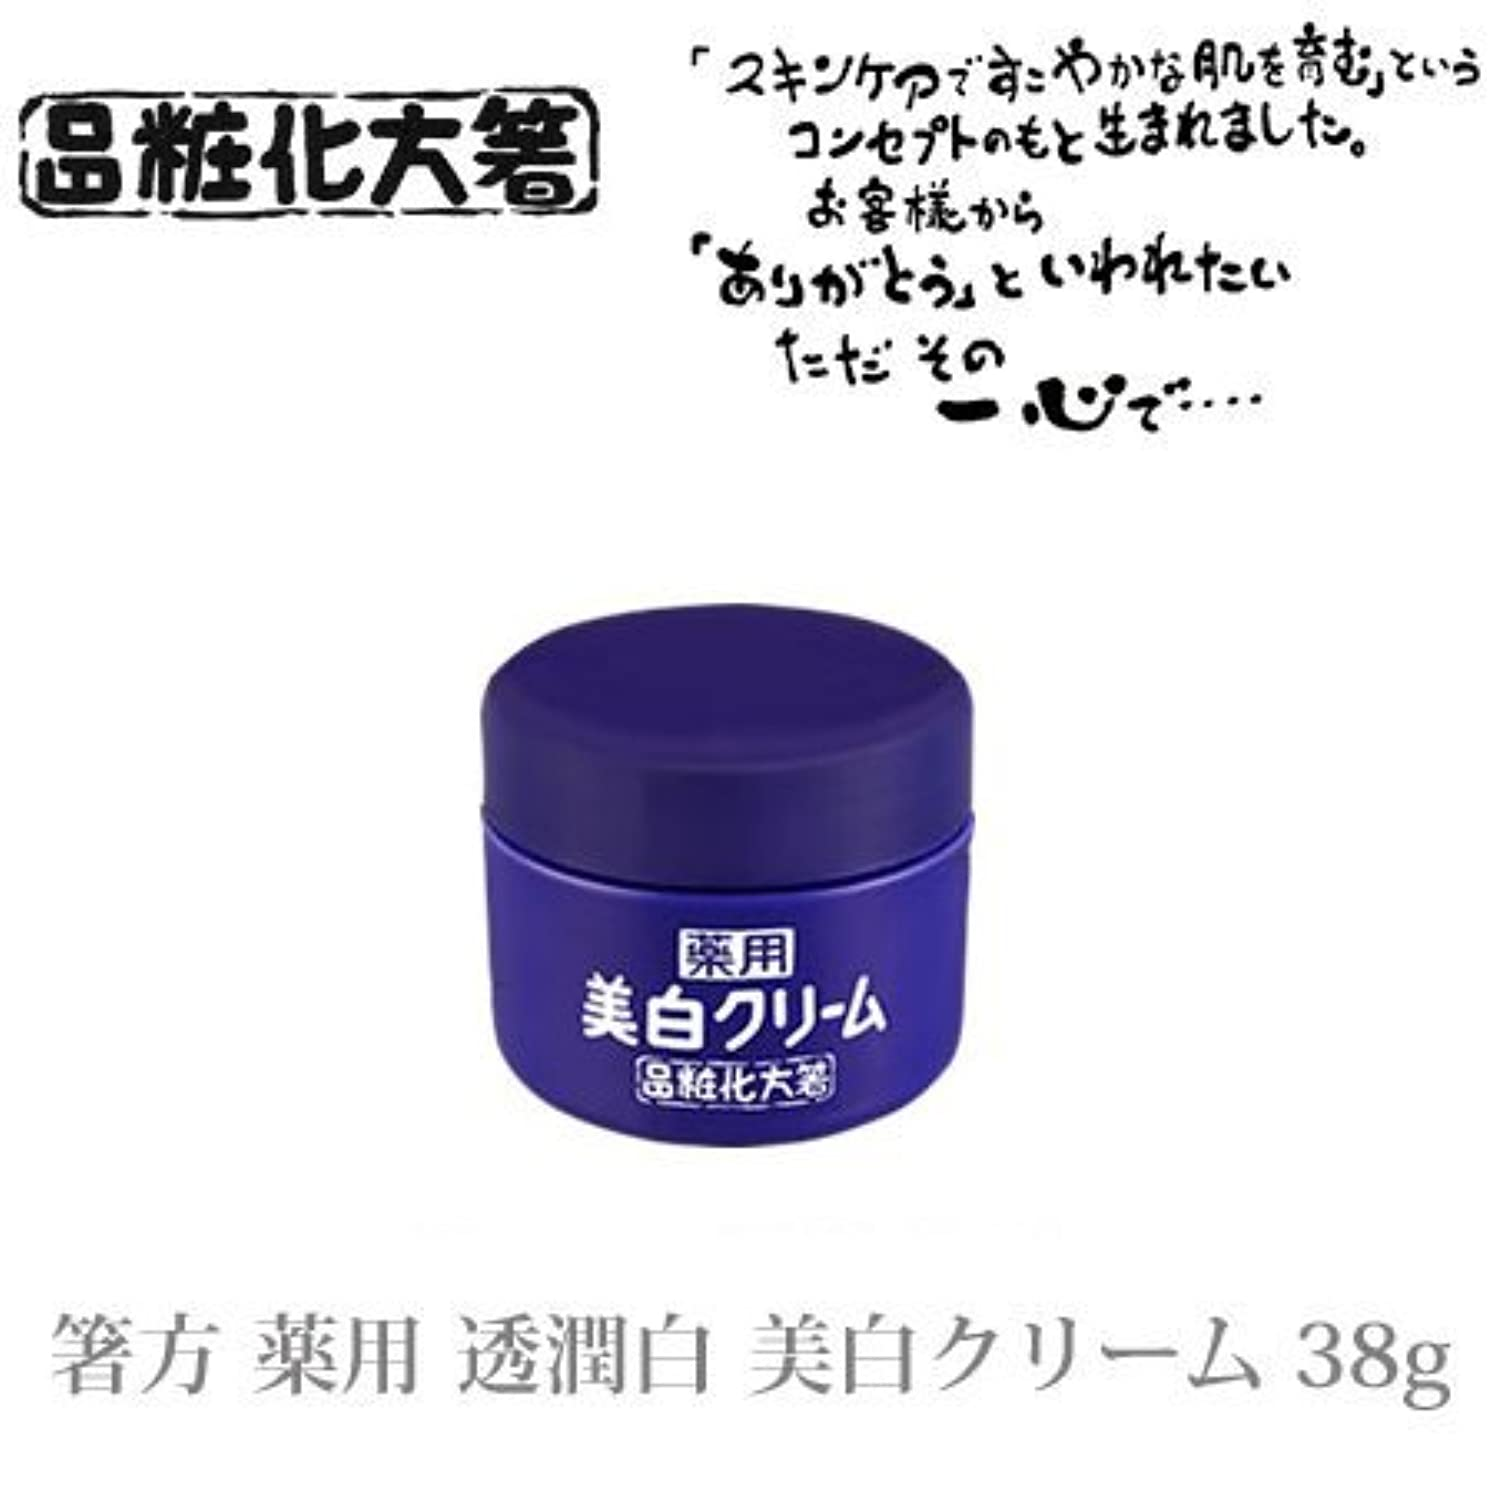 パイプ線形マーティフィールディング箸方化粧品 薬用 透潤白 美白クリーム 38g はしかた化粧品